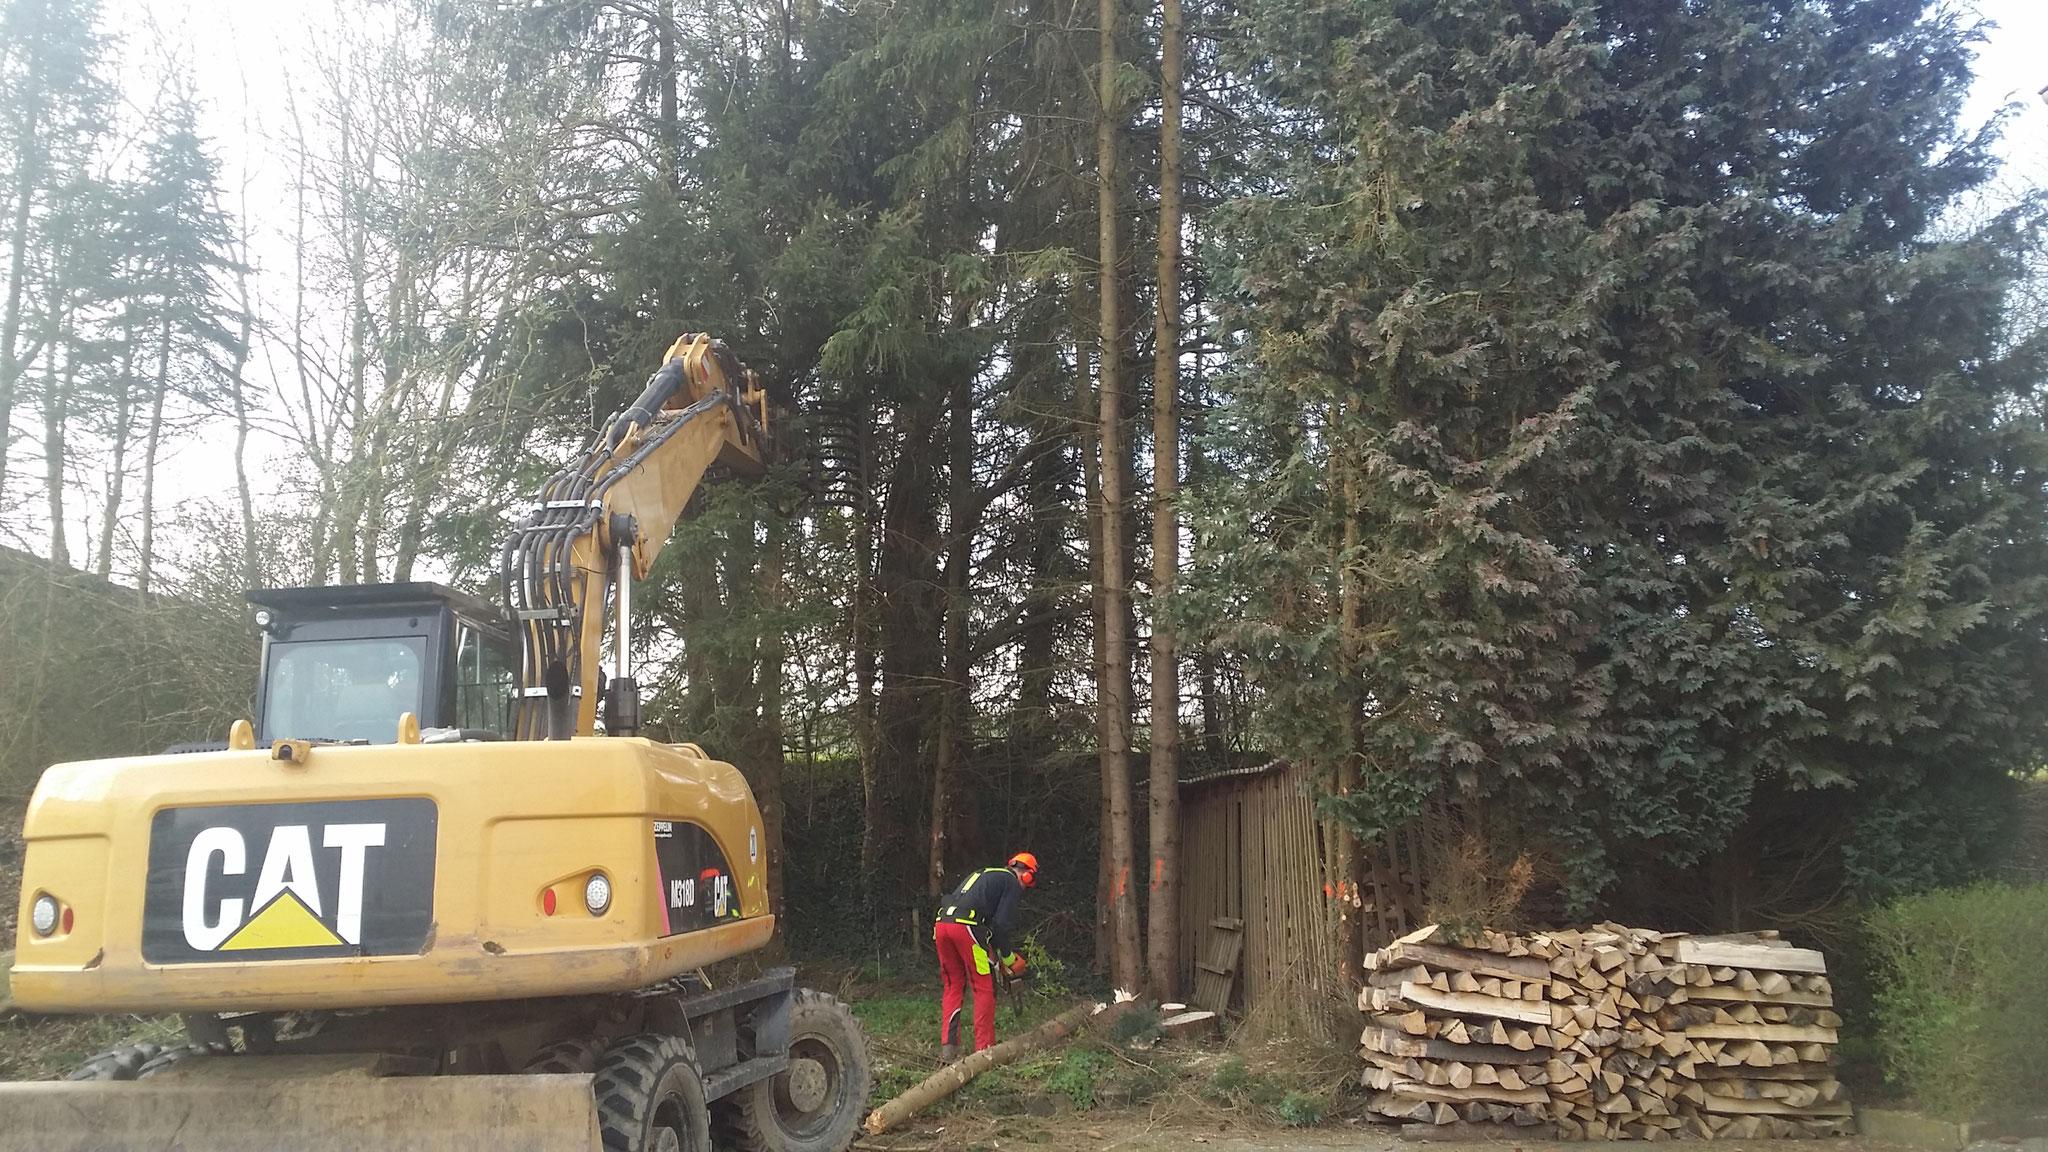 Lassen Sie Baumfallungen Von Uns Durchfuhren Das Schont Ihre Gesundheit Und Schutzt Ihr Eigentum Denn Durch Unachtsames Fallen Der Baume